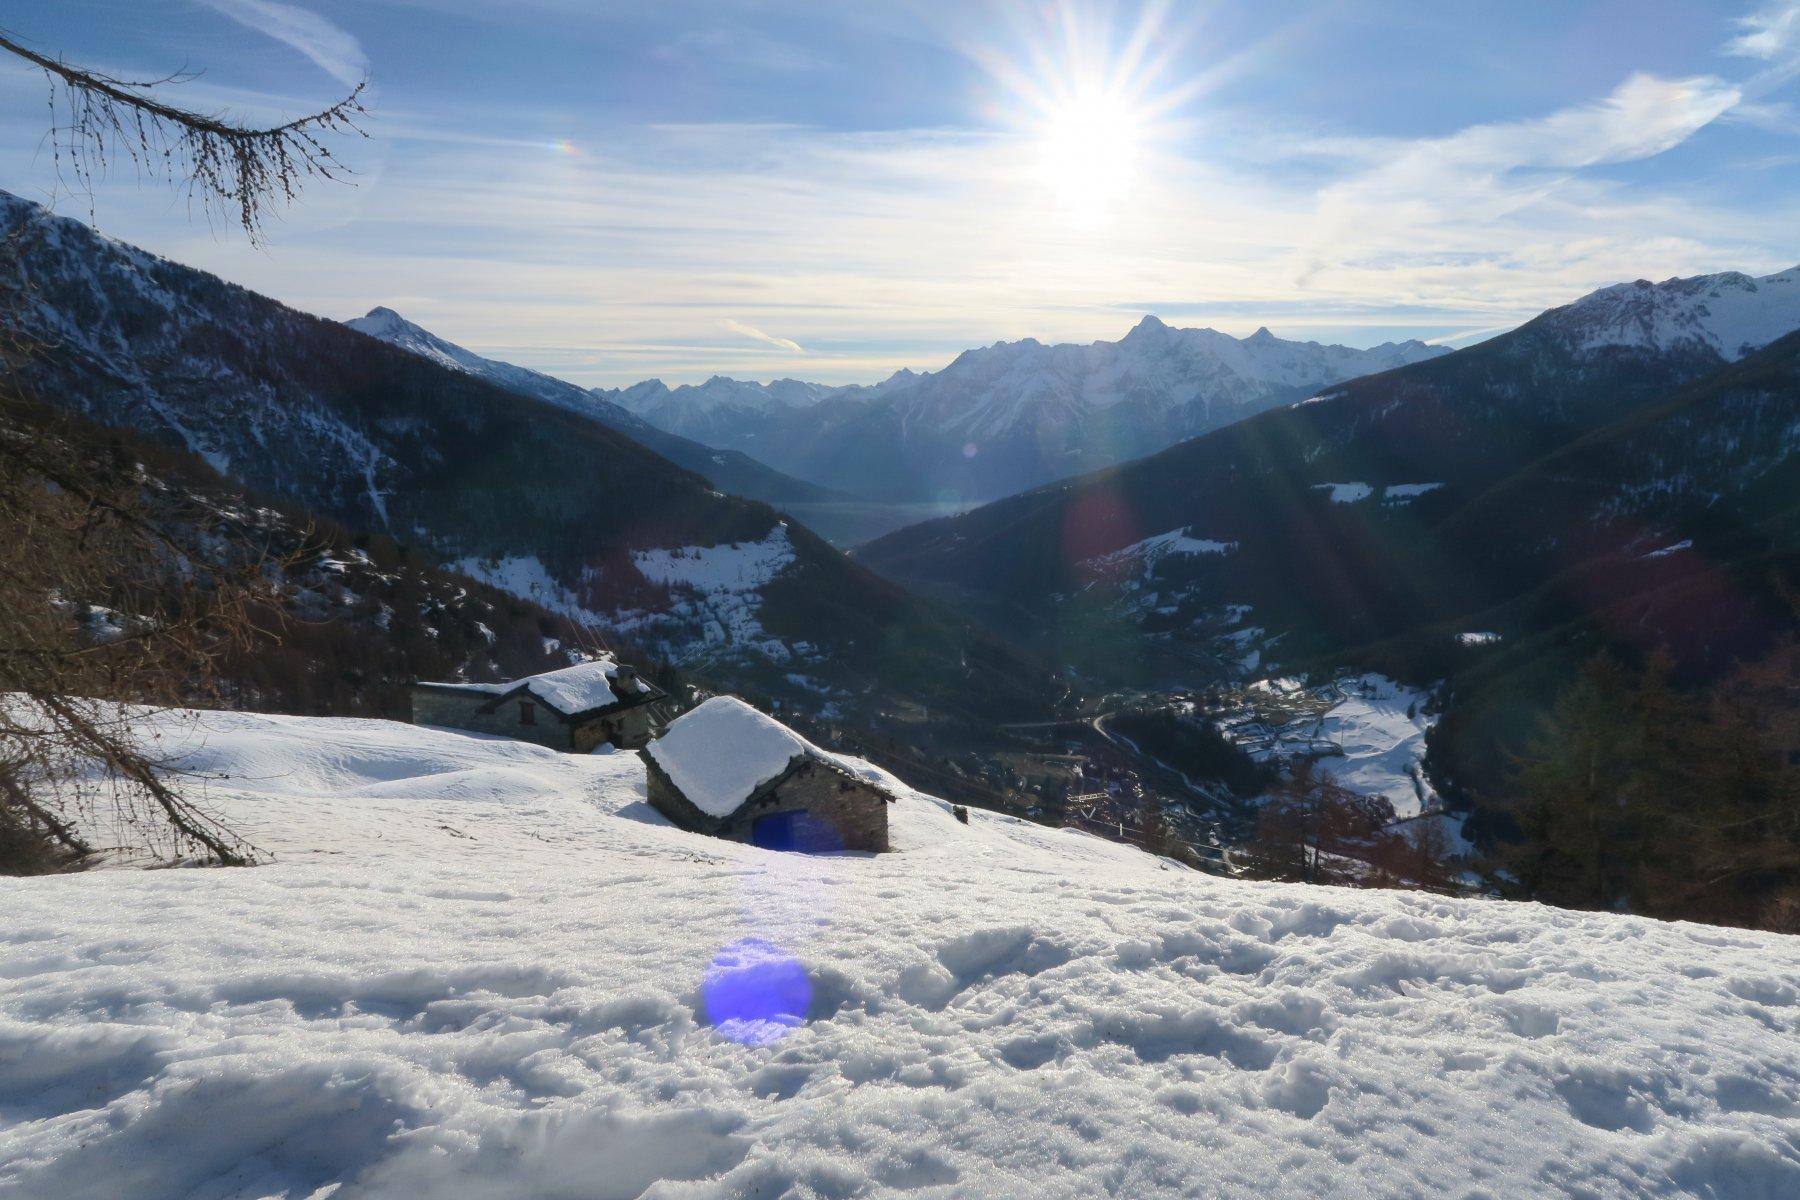 baite sopra Eternod, qui la  neve è quasi completamente trasformata